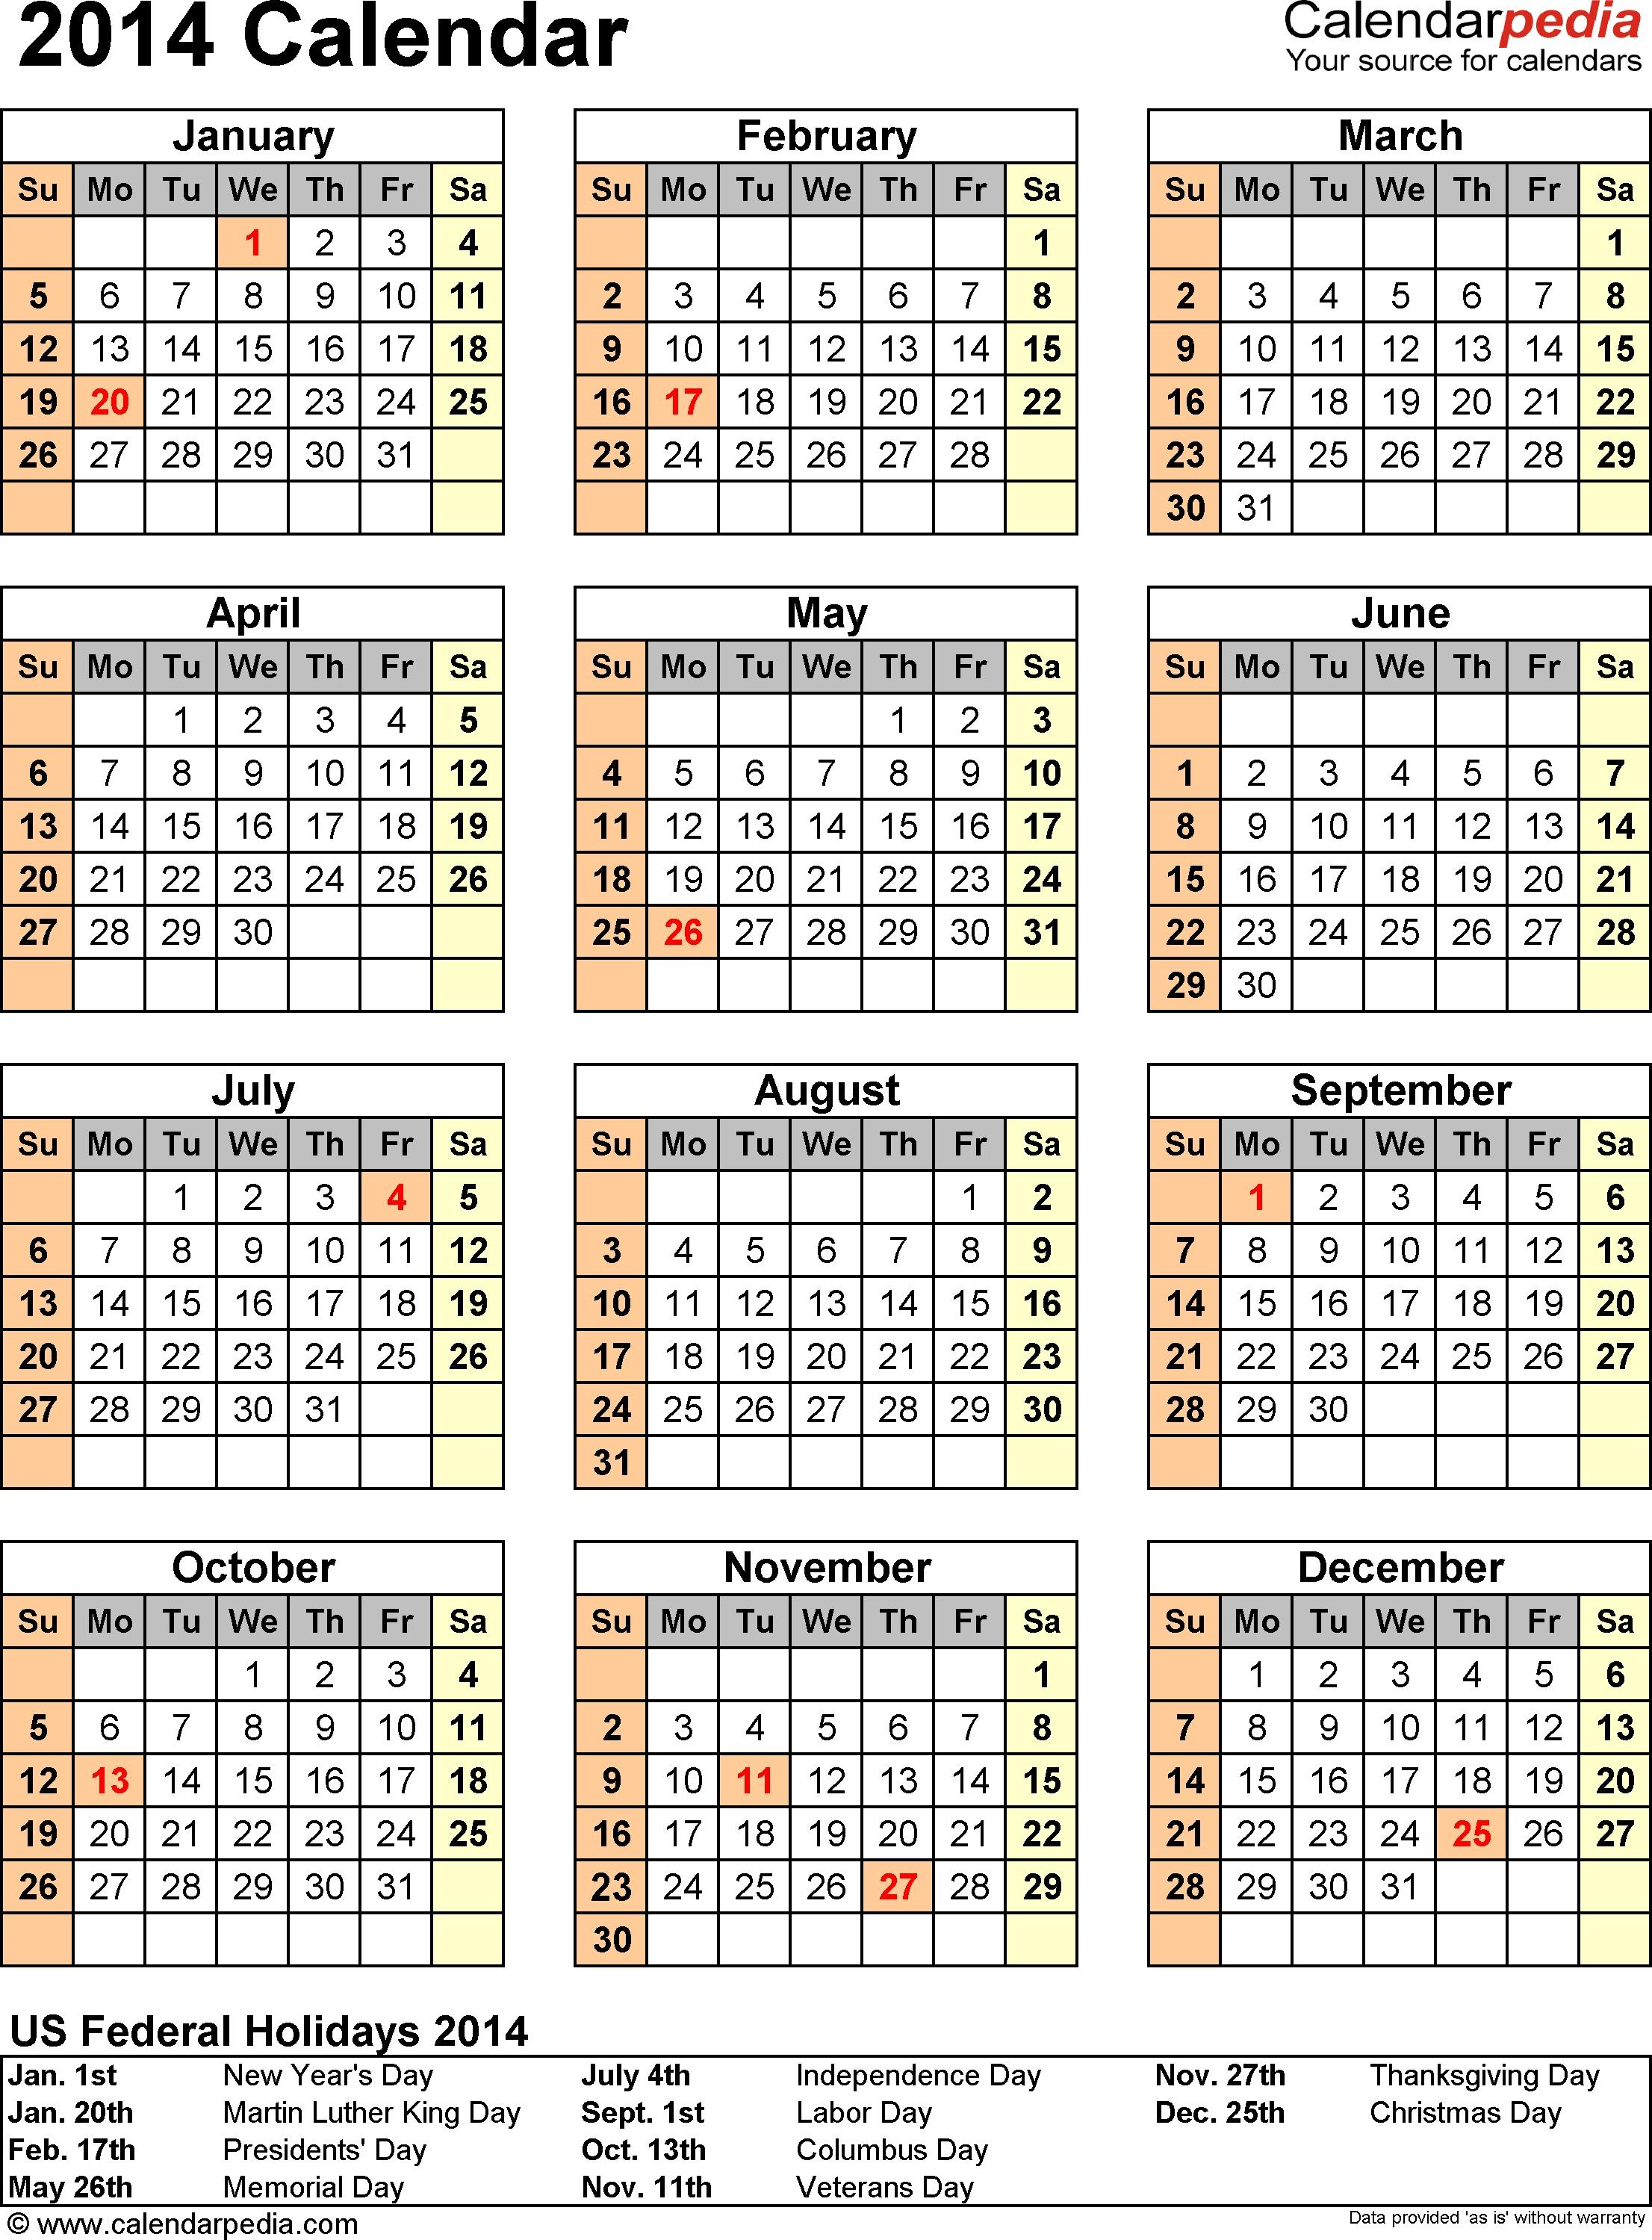 2014 Calendar Excel 13 Free Printable Templates Xlsx